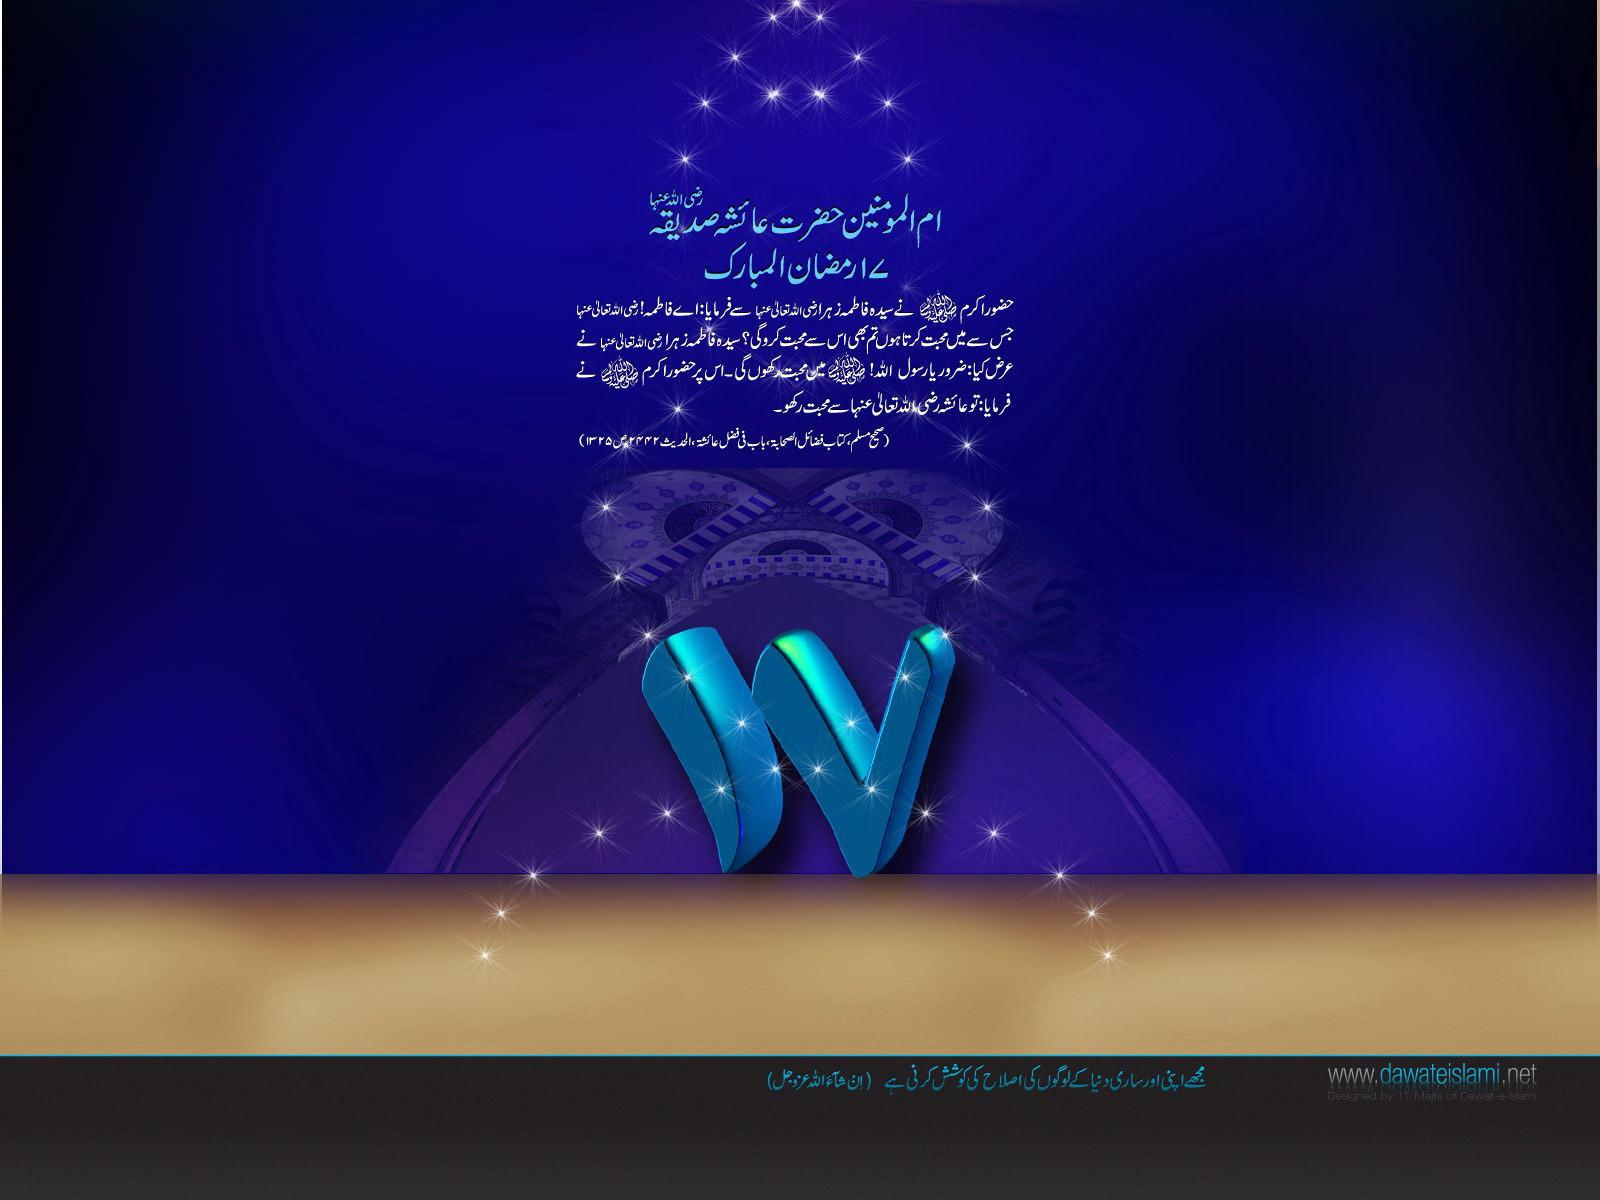 Hazrat Aisha, Ommul Momineen